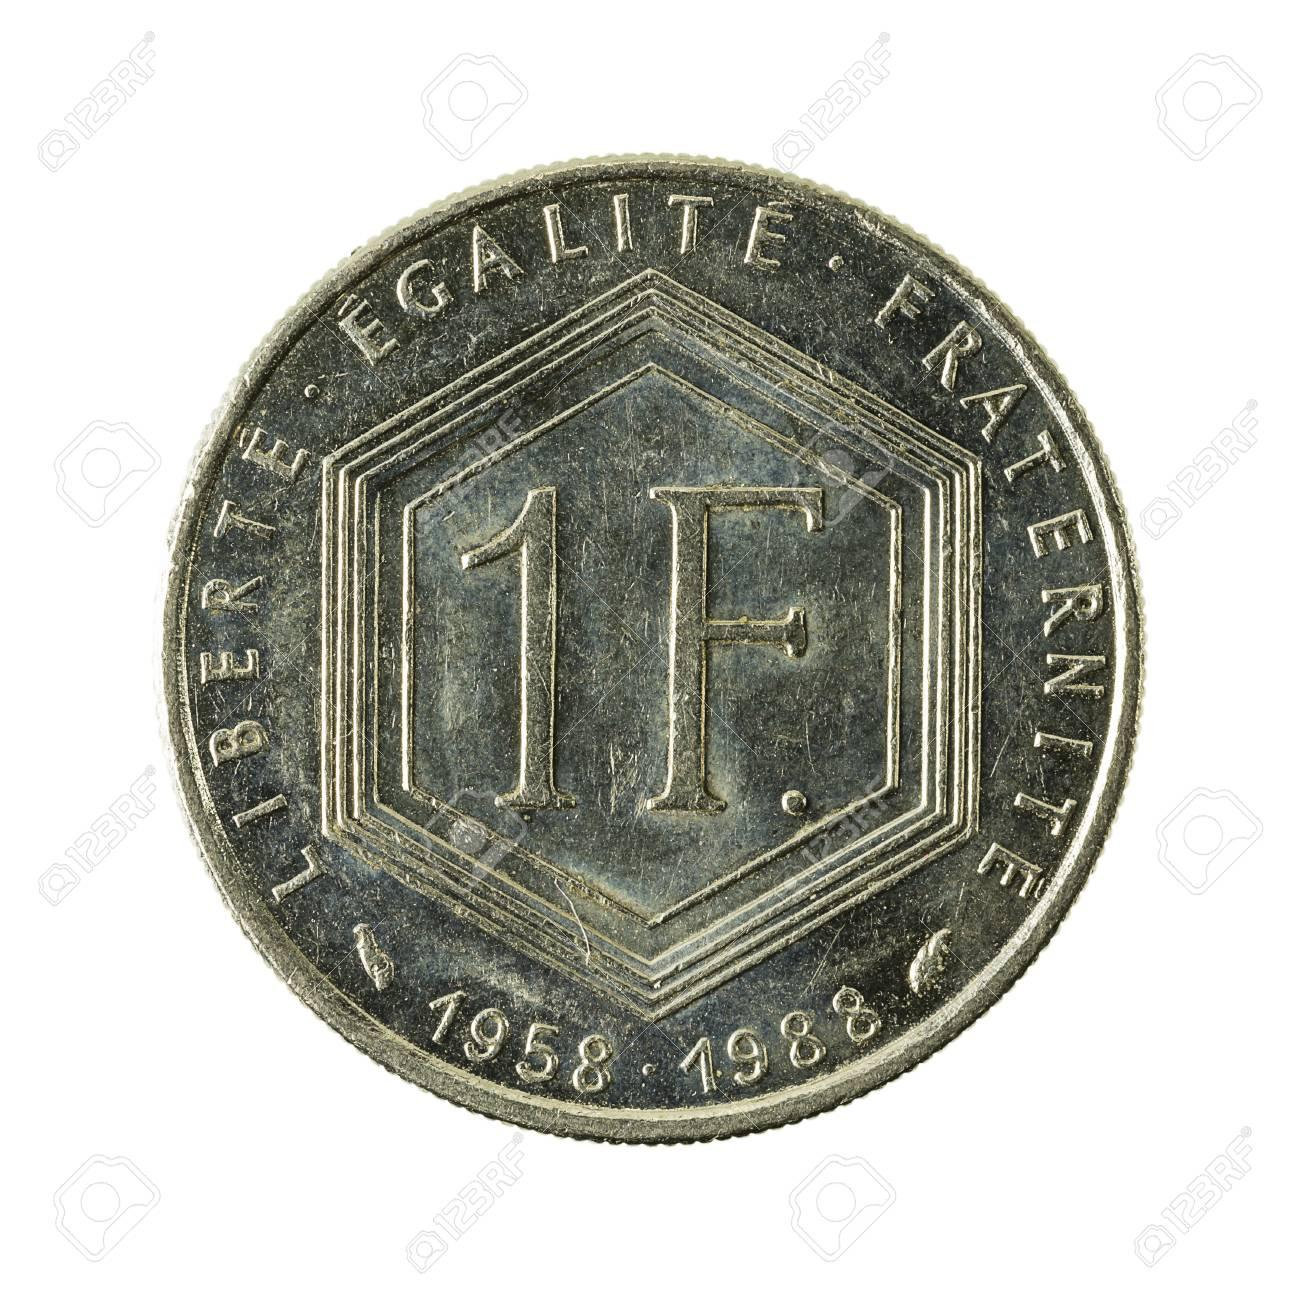 1 Französische Franc Münze 1988 Vorderseite Isoliert Auf Weißem